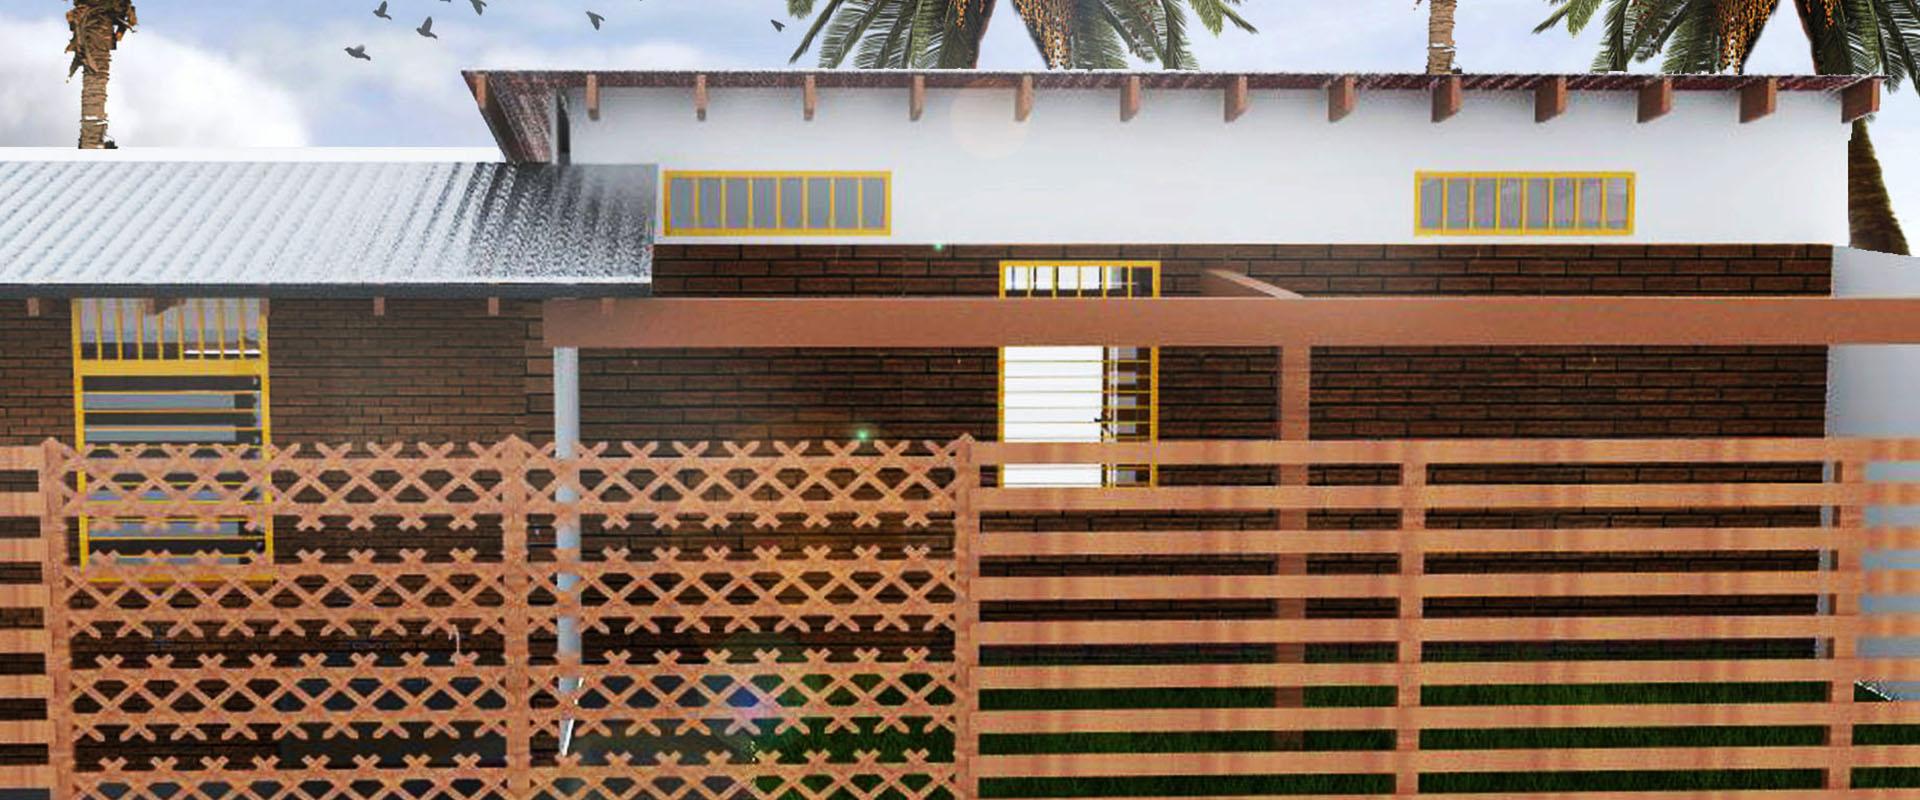 Maisons abordables - 1_barla_architectes_yaounde_cameroun